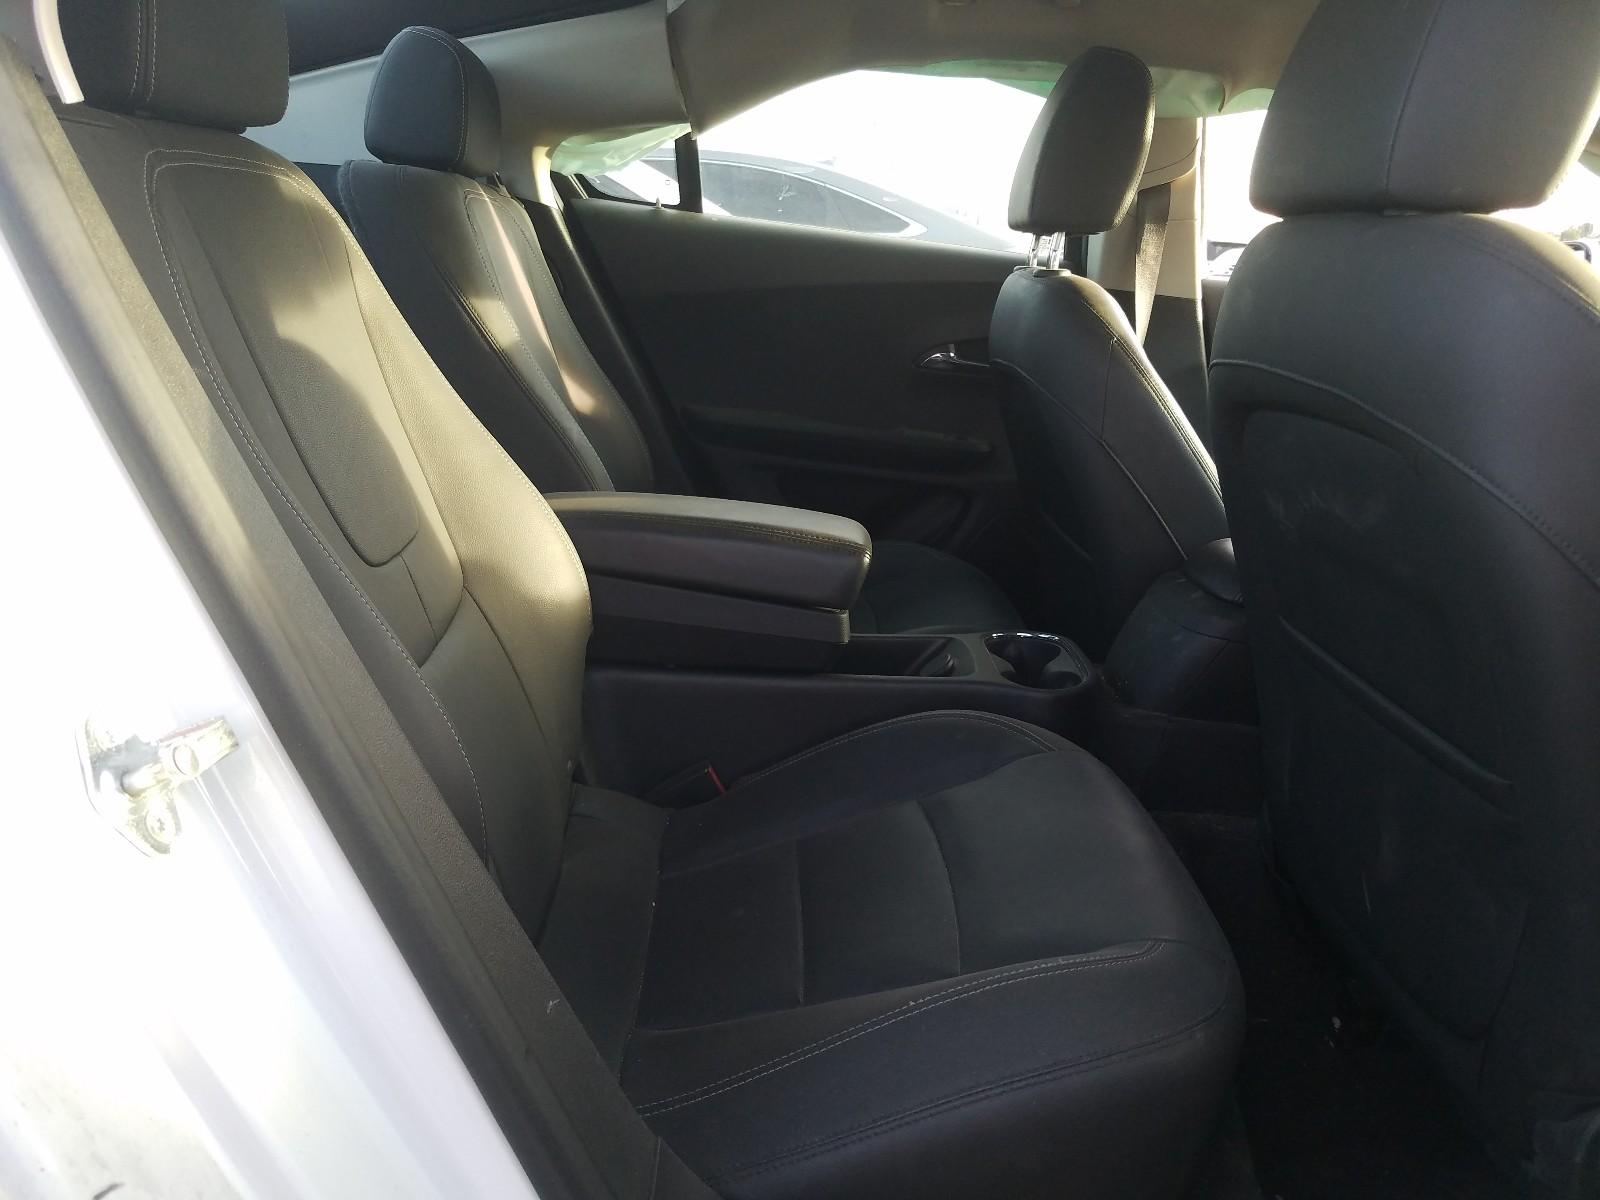 1G1RH6E47DU131223 - 2013 Chevrolet Volt 1.4L detail view